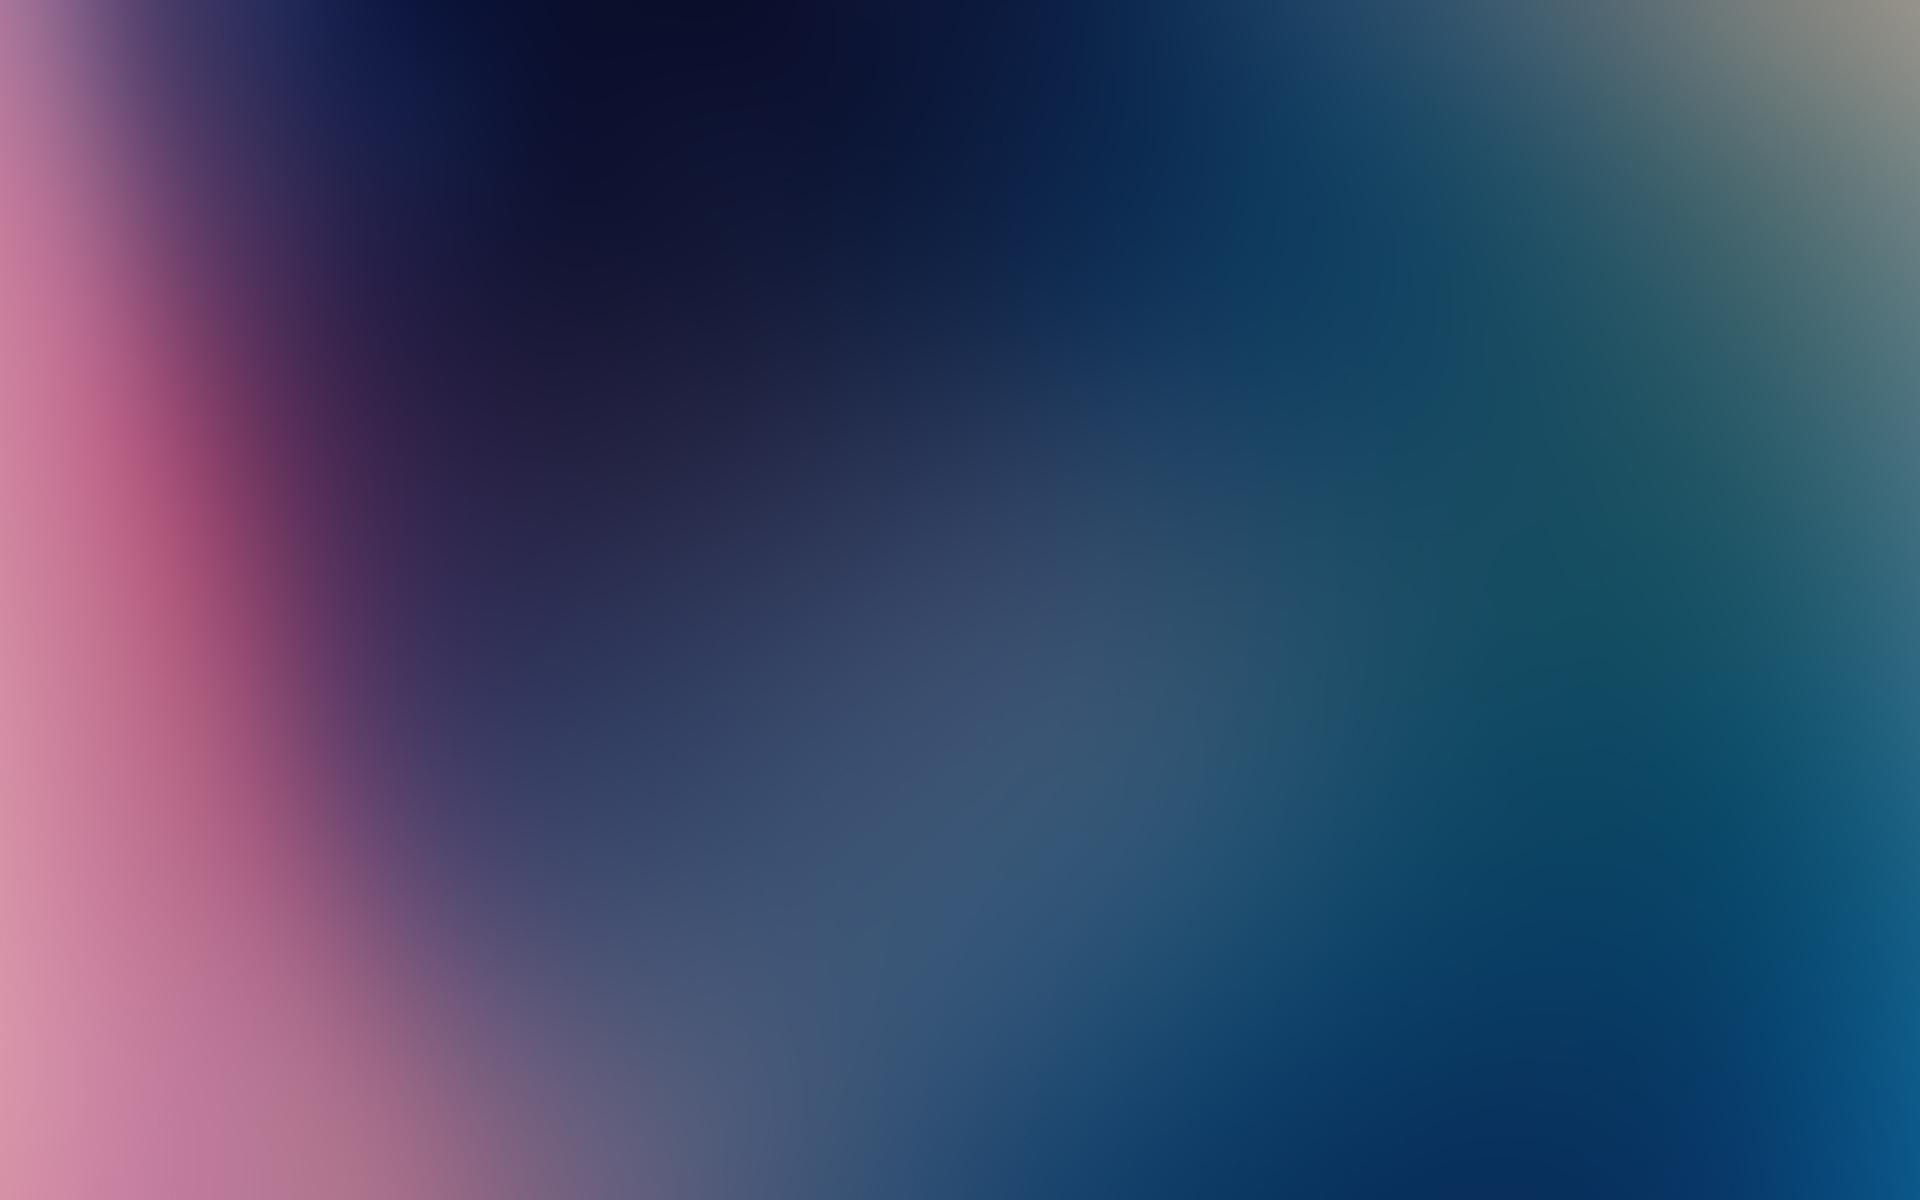 1920x1200 Blur Background 1080P Resolution HD 4k